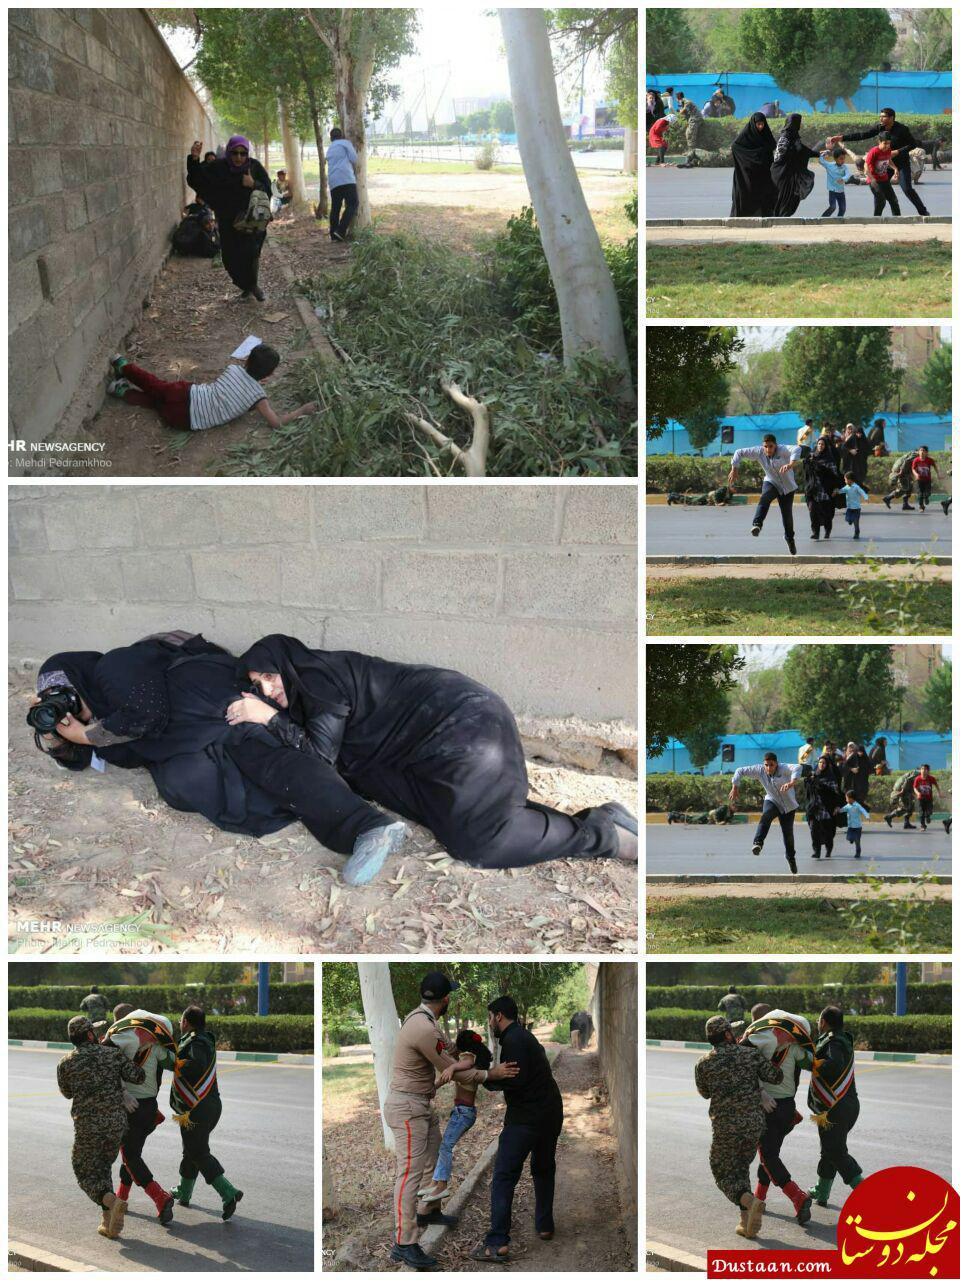 www.dustaan.com تروریست ها سلاح های خود را کجا مخفی کرده بودند؟